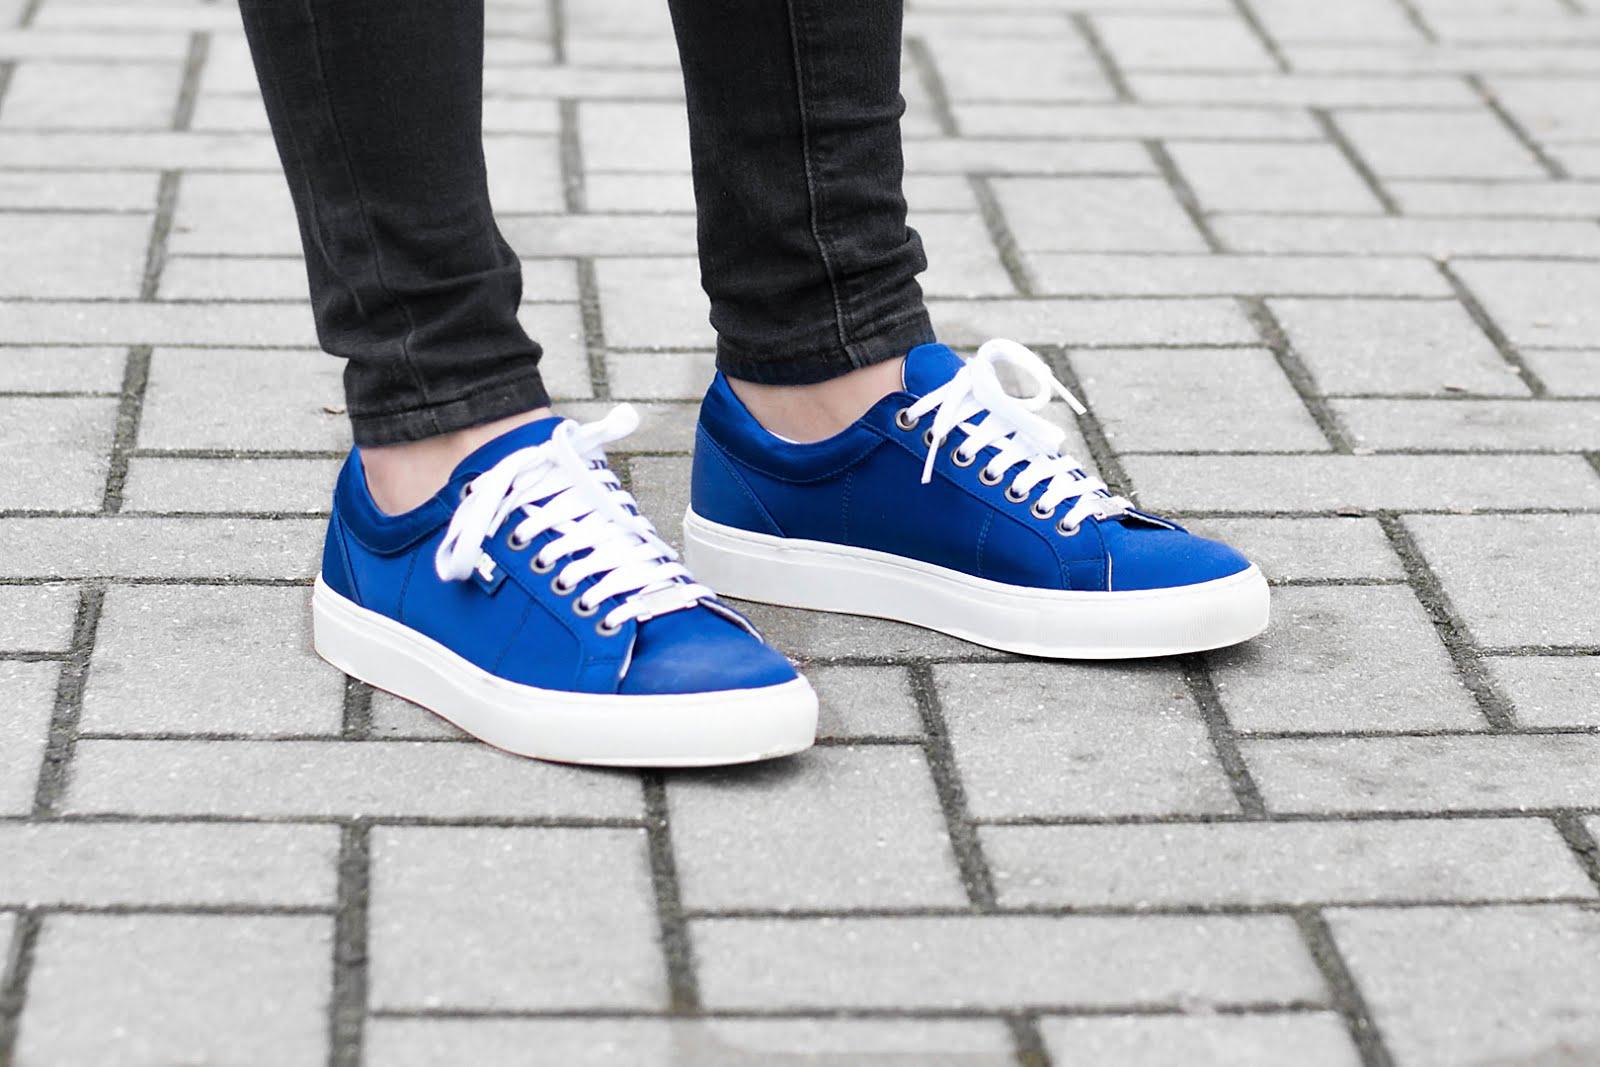 Wearing karl lagerfeld sneakers